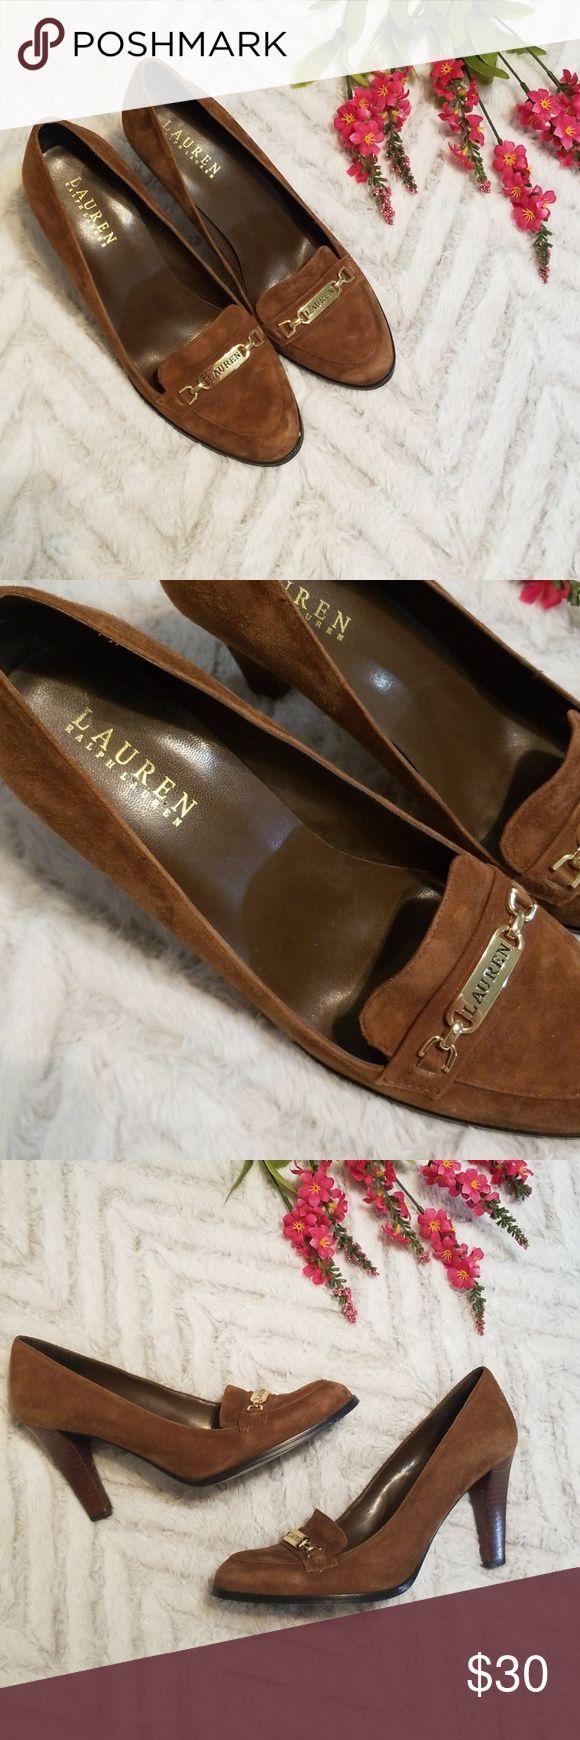 Lauren Ralph Lauren Suede Heeled Loafers